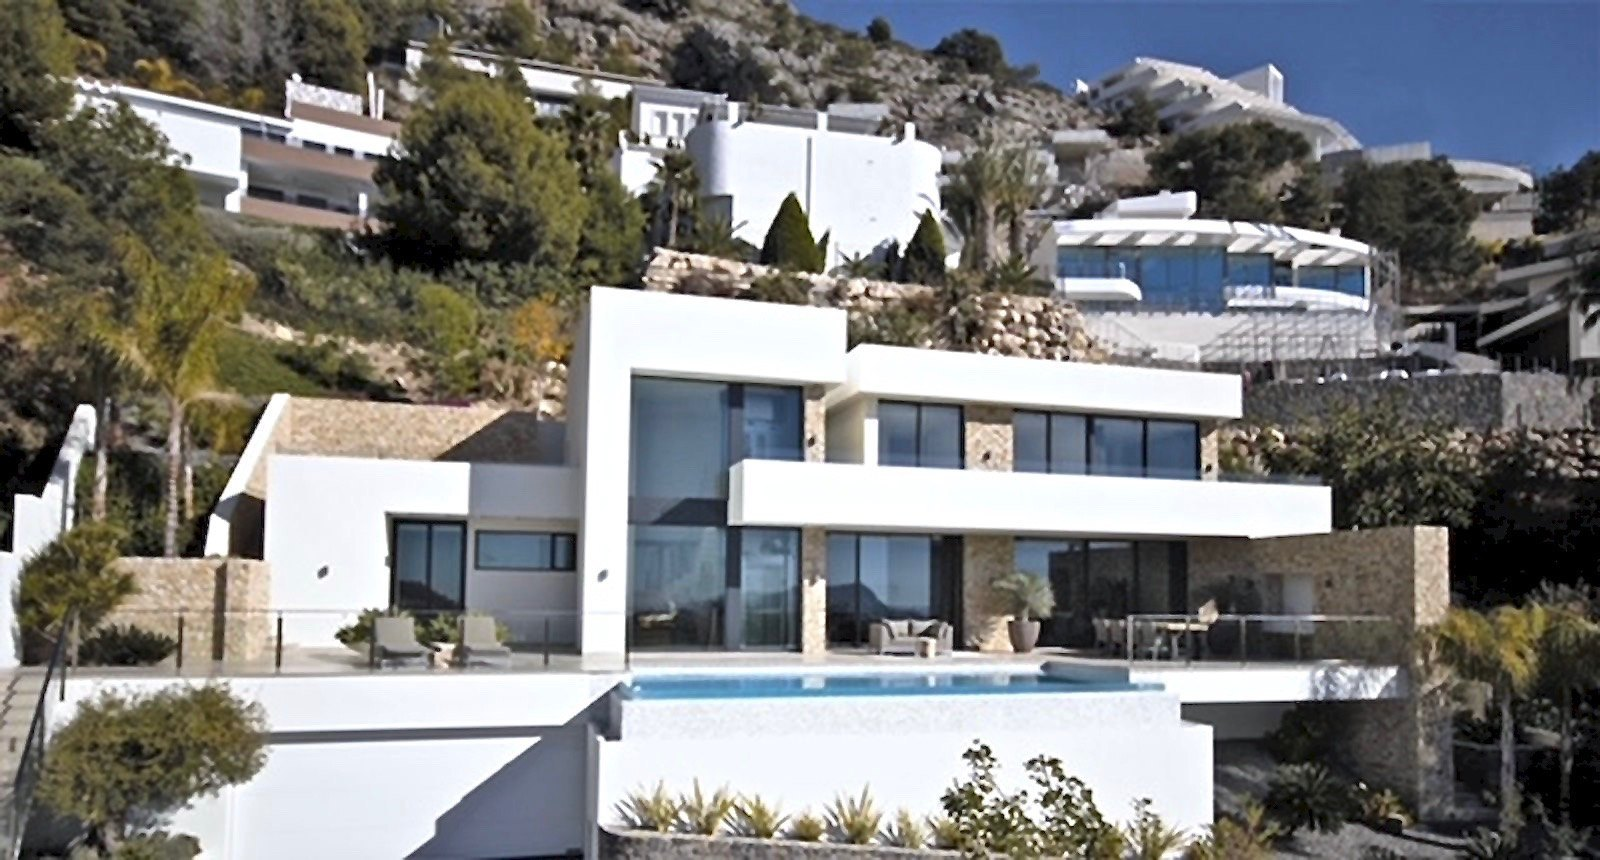 Neue moderne Oba Villa zum Verkauf in Altea - Costa Blanca